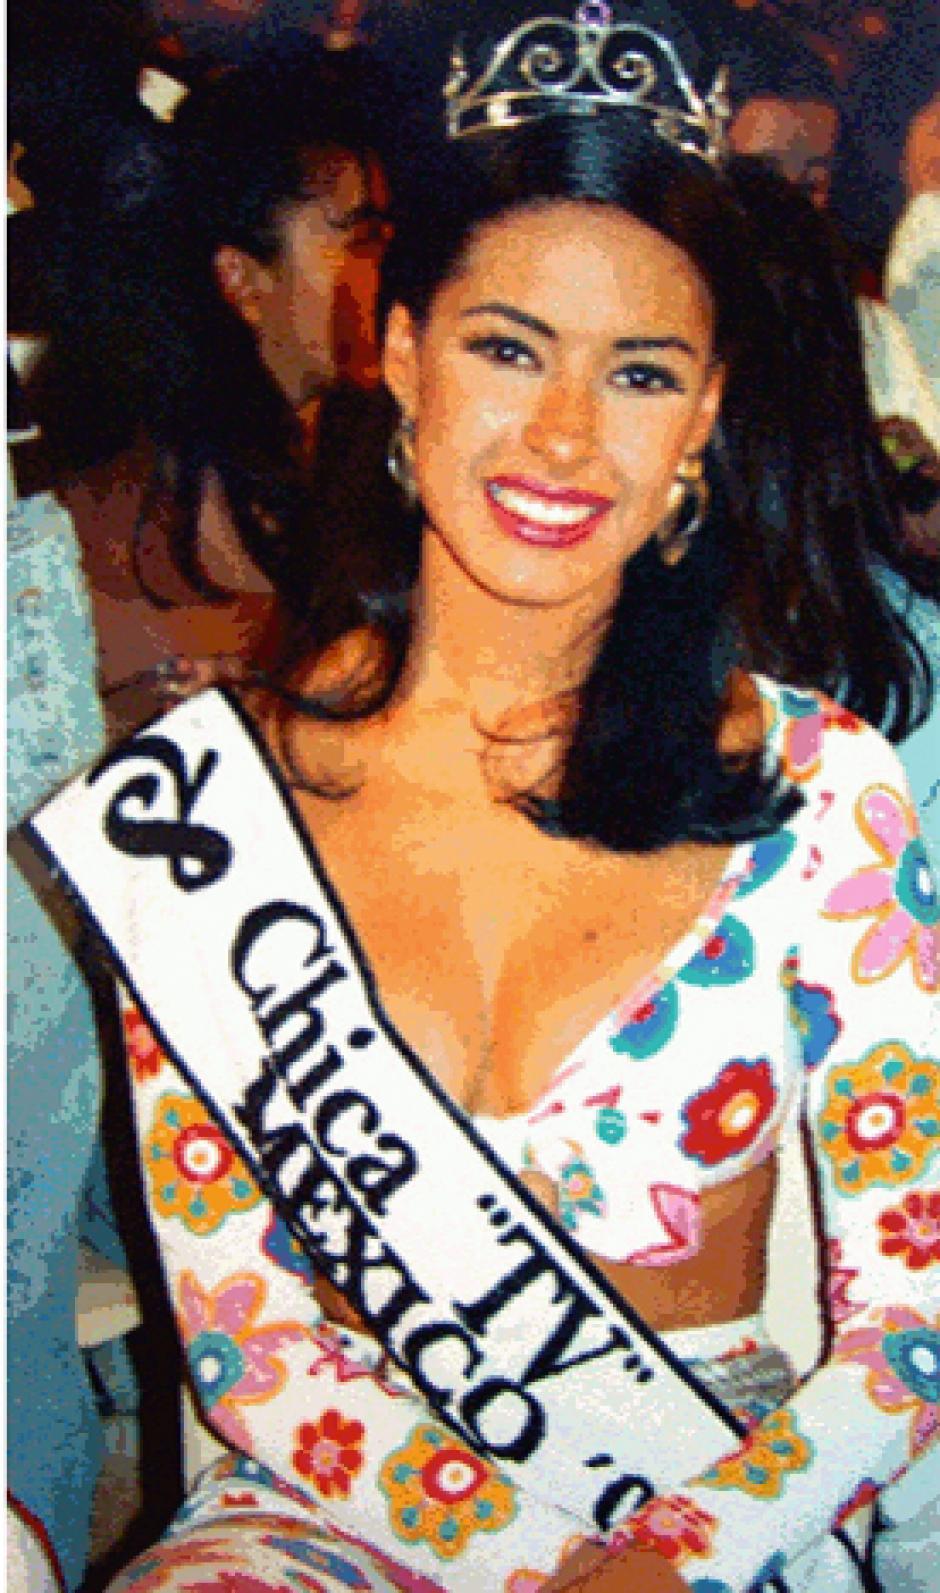 Galilea fue la Chica TV en sus inicios. (Foto: Twitter)